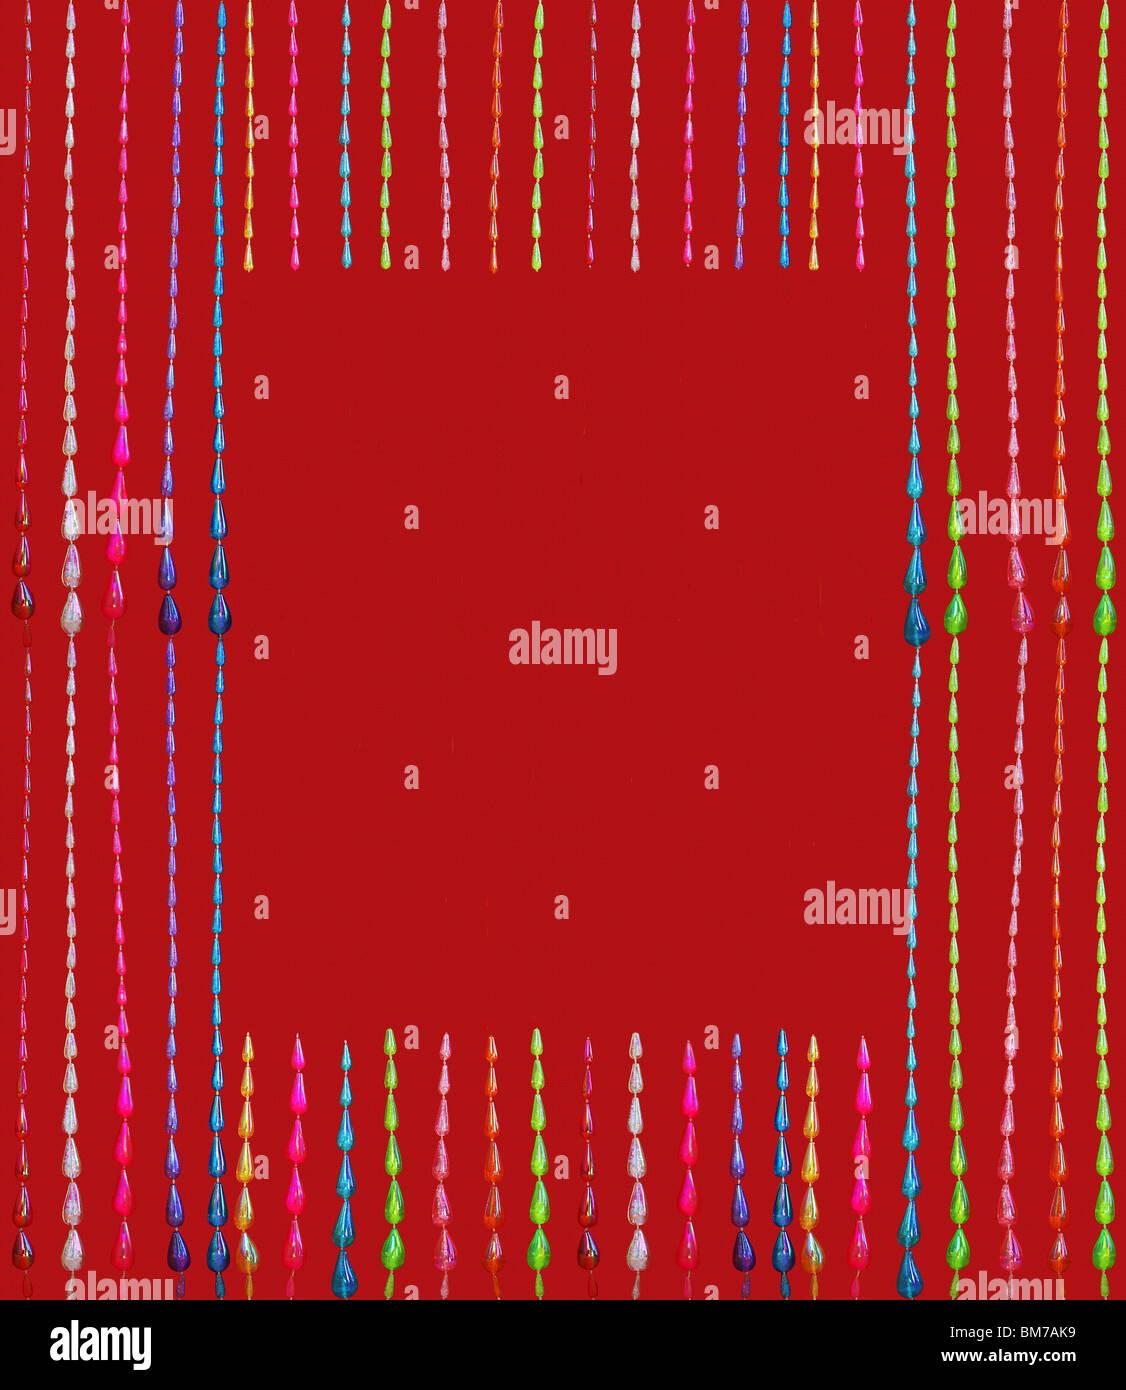 Ungewöhnlich Rote Rahmen Gläser Bilder - Benutzerdefinierte ...